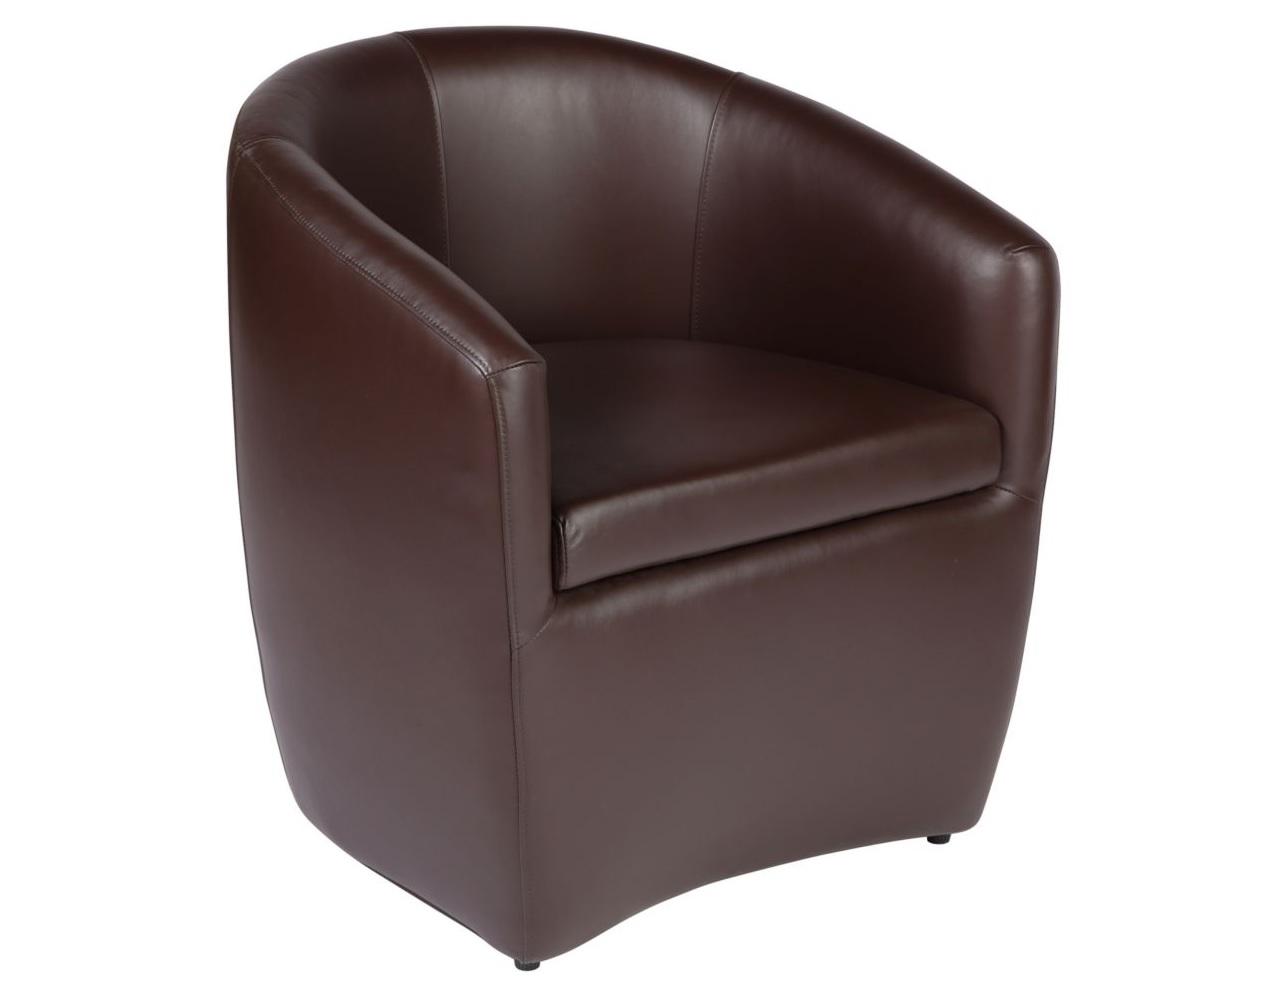 Кресло JessКожаные кресла<br><br><br>Material: Кожа<br>Ширина см: 66<br>Высота см: 72<br>Глубина см: 66